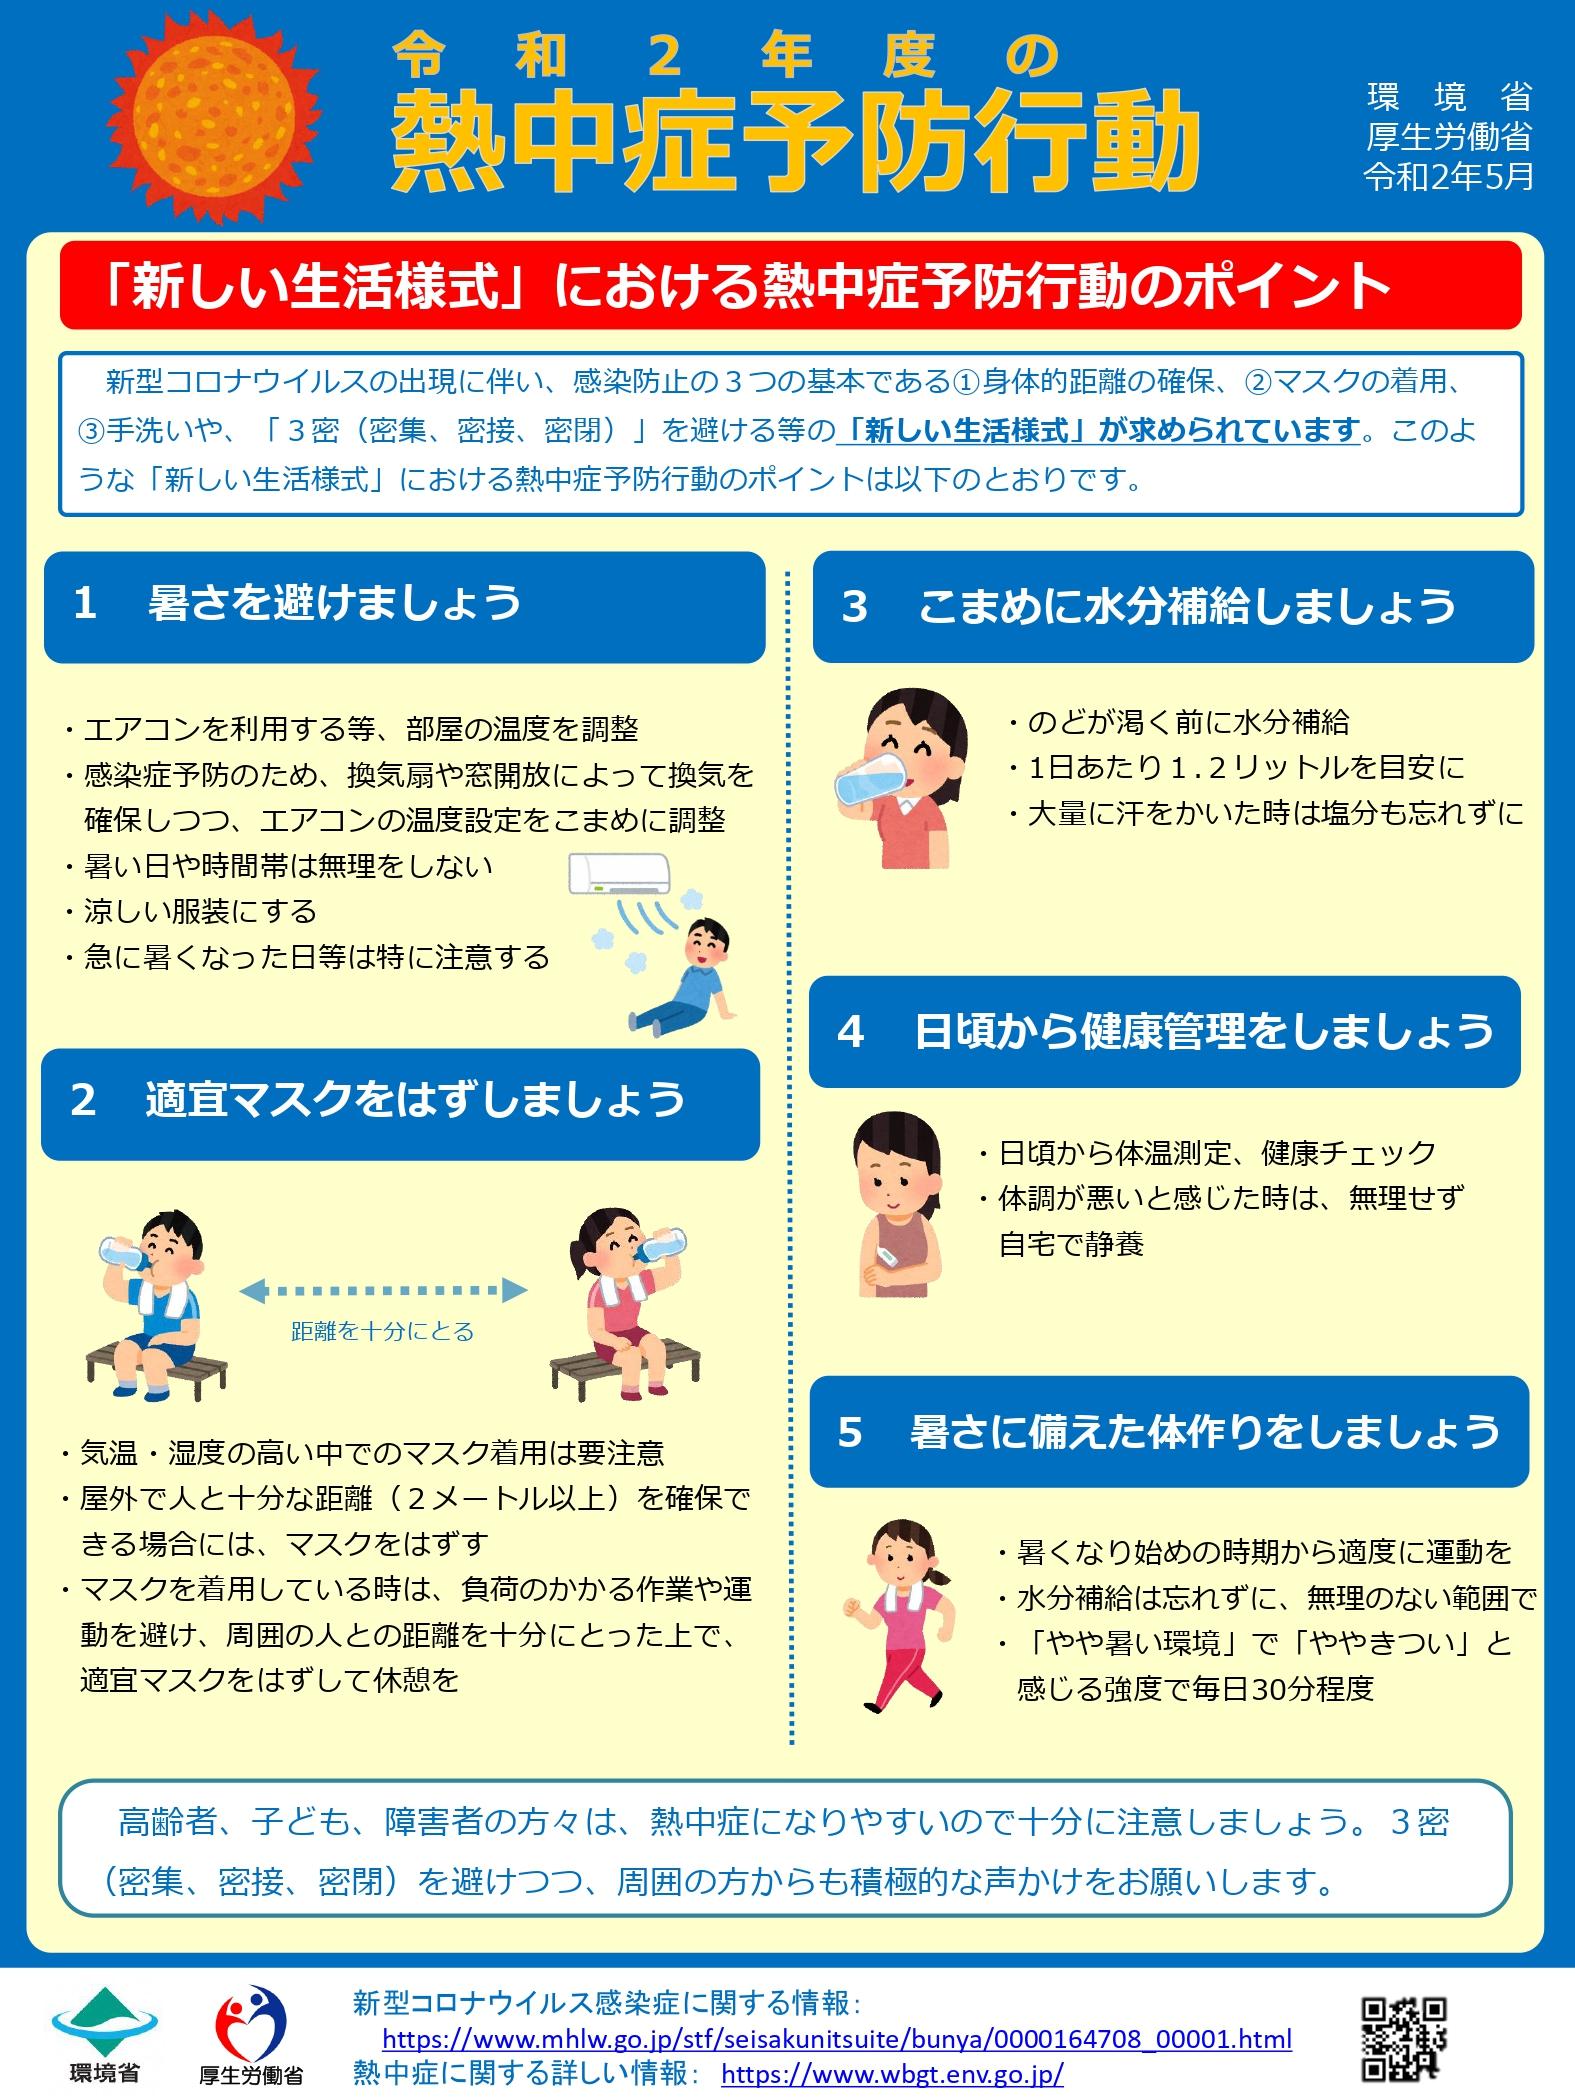 「新しい生活様式」における熱中症予防行動